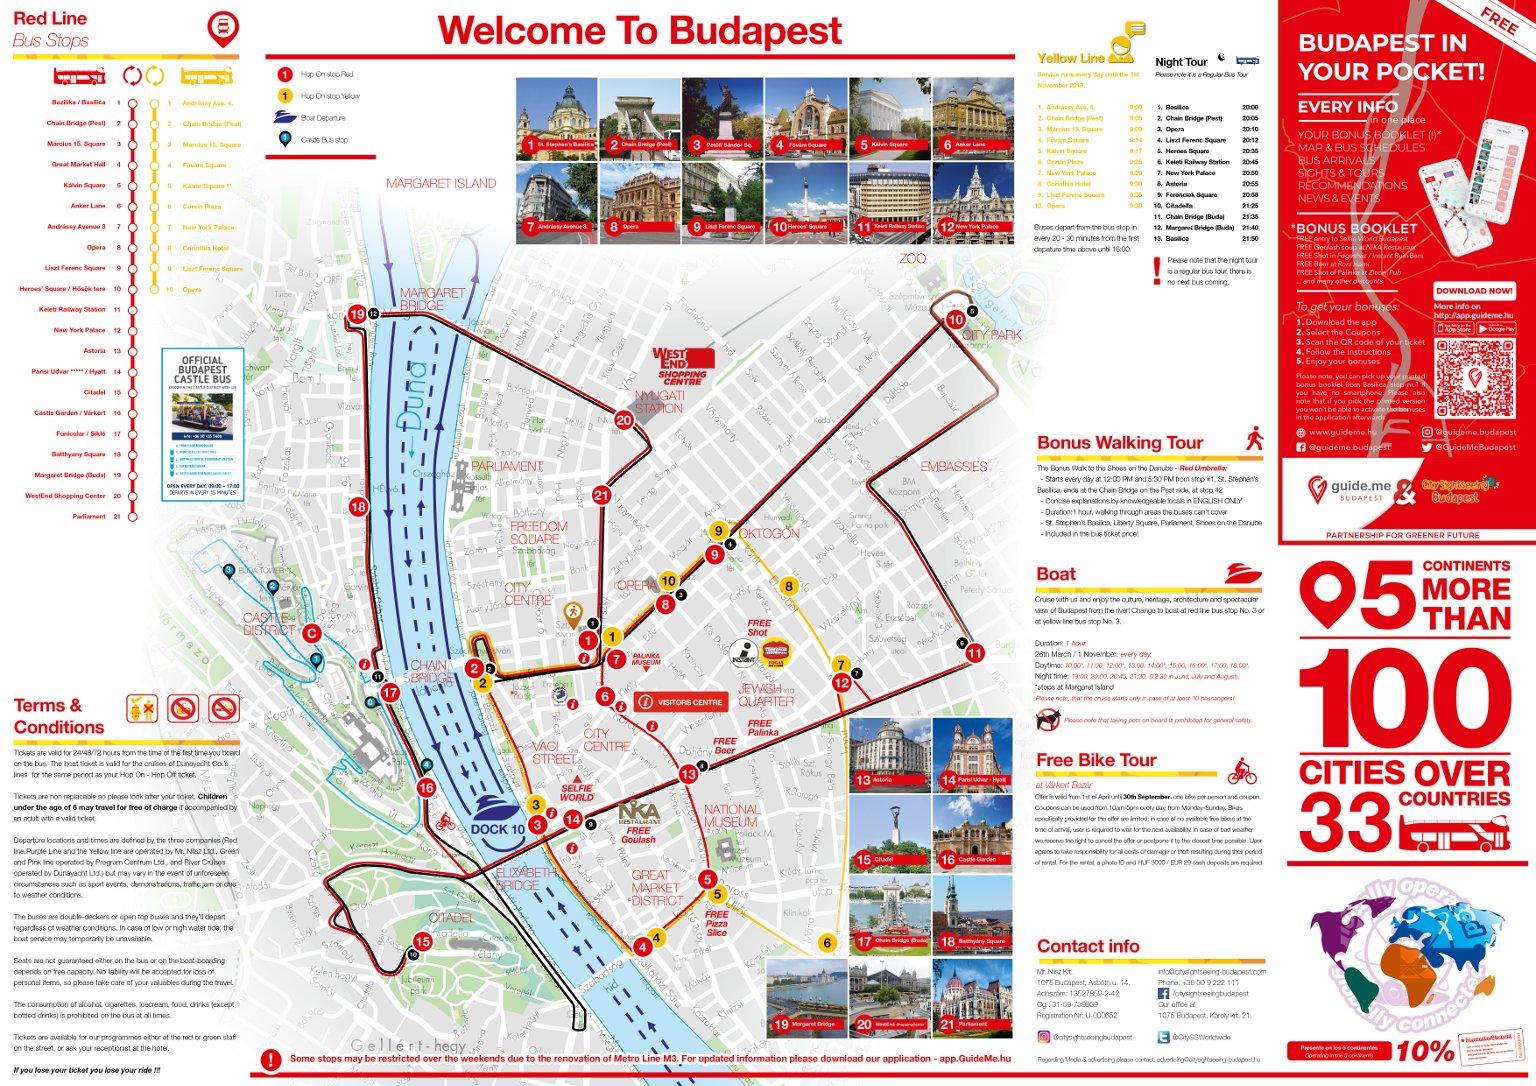 Карта маршрутов туристического автобуса Hop-On Hop-Off